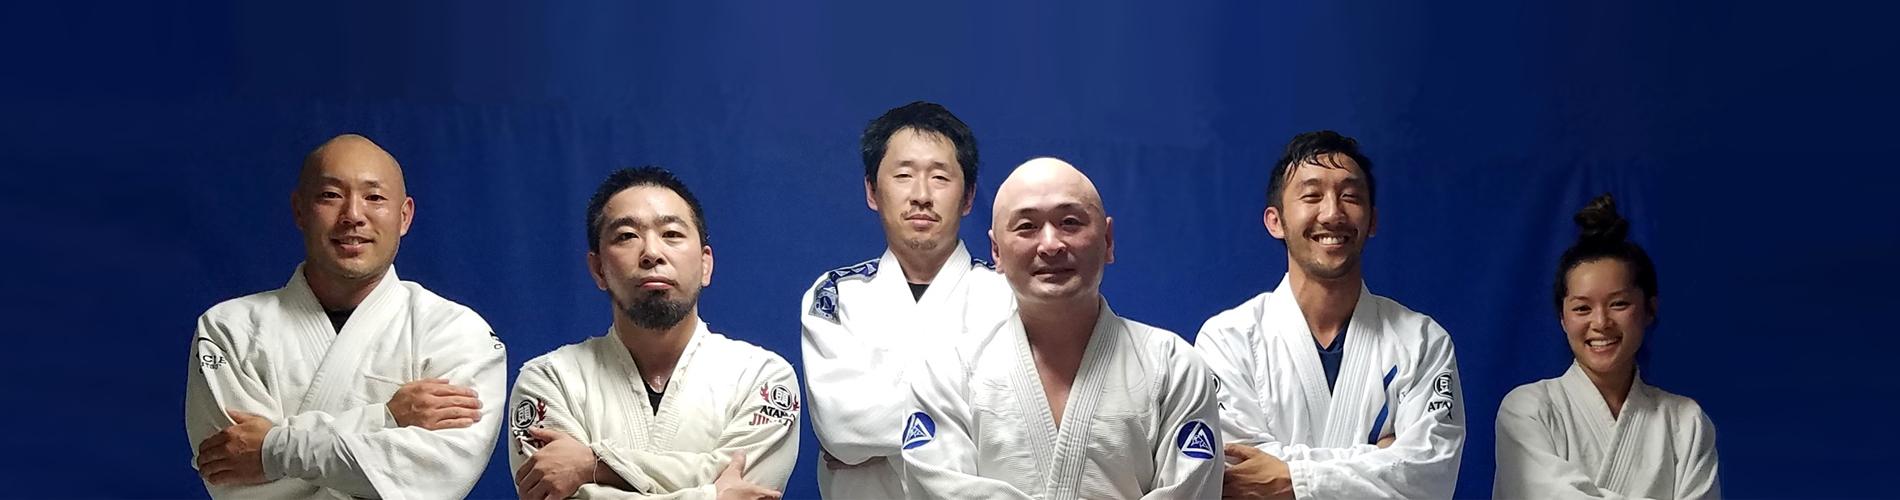 KJJ 慶應柔術三田会